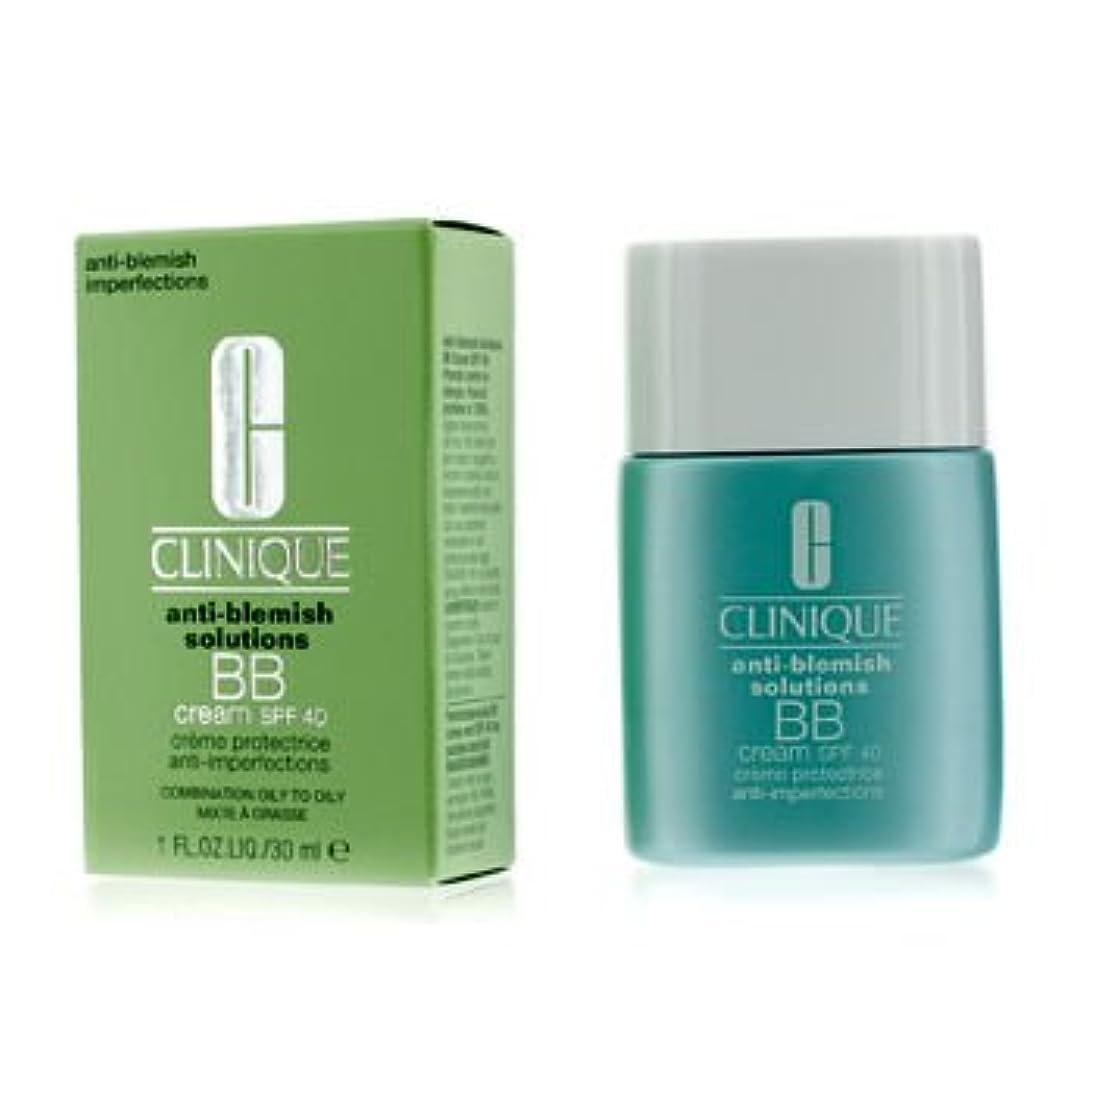 サッカー極地埋め込む[Clinique] Anti-Blemish Solutions BB Cream SPF 40 - Medium Deep (Combination Oily to Oily) 30ml/1oz